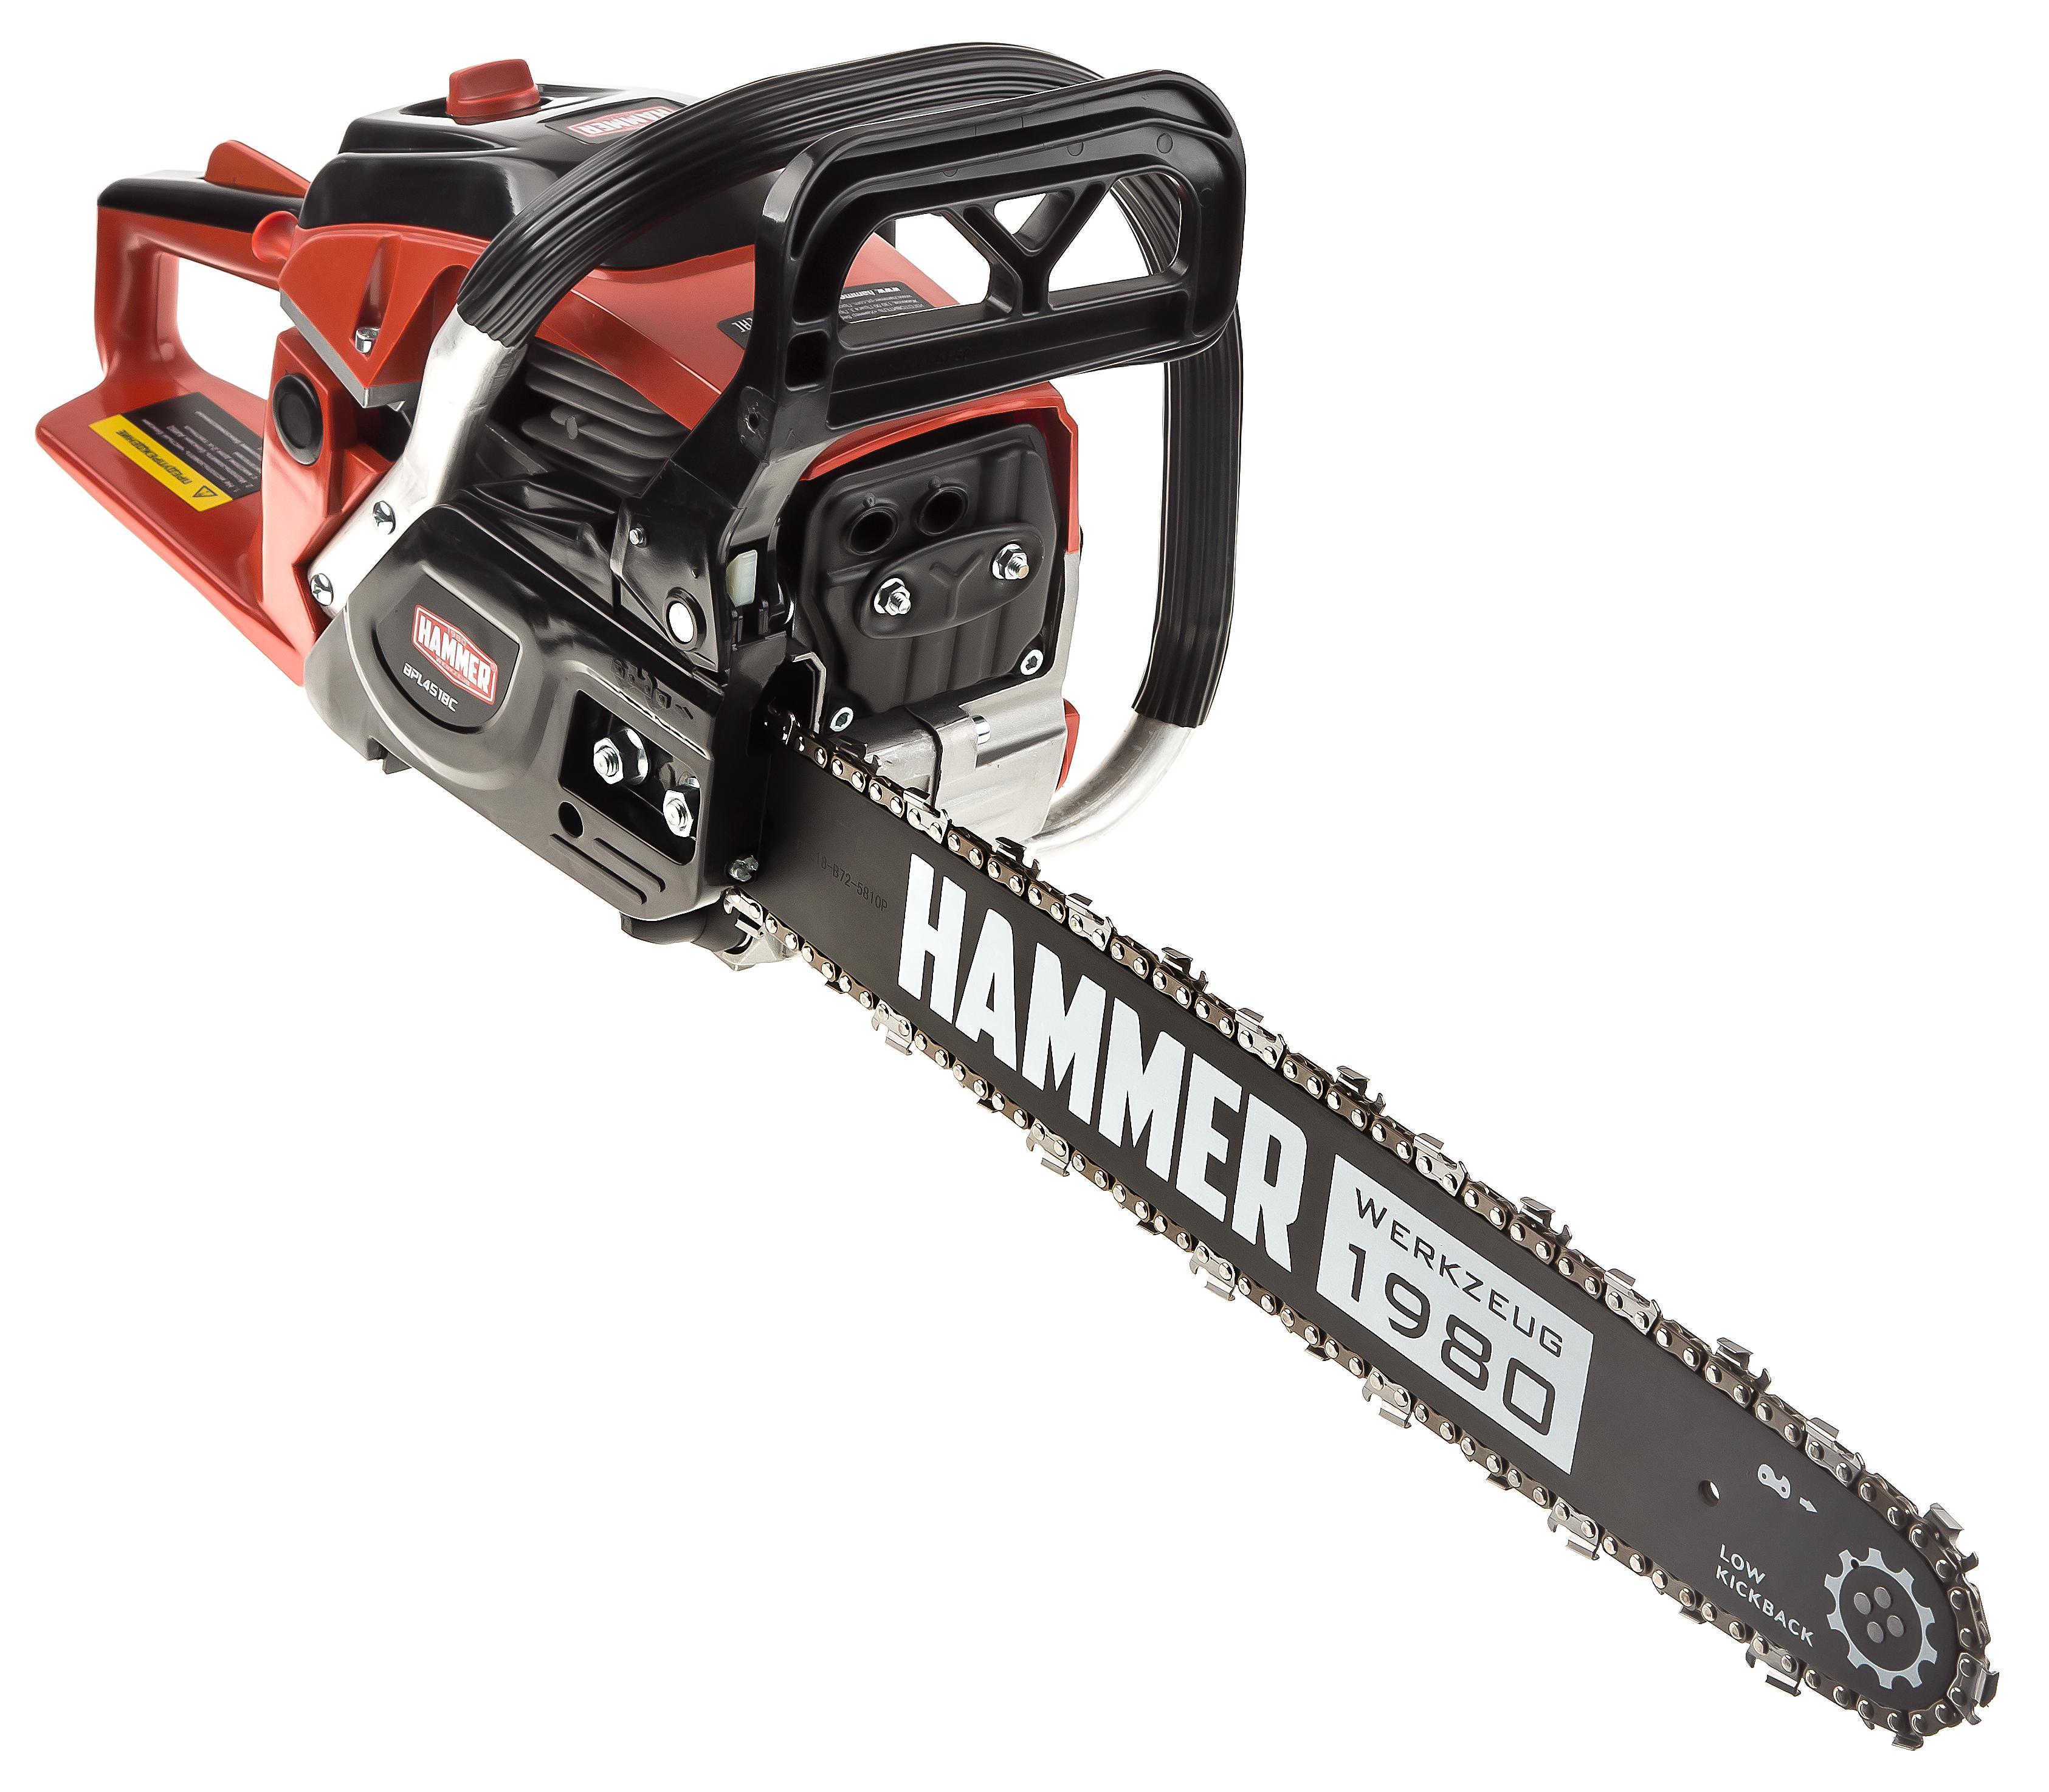 цена на Бензопила Hammer Bpl4518c